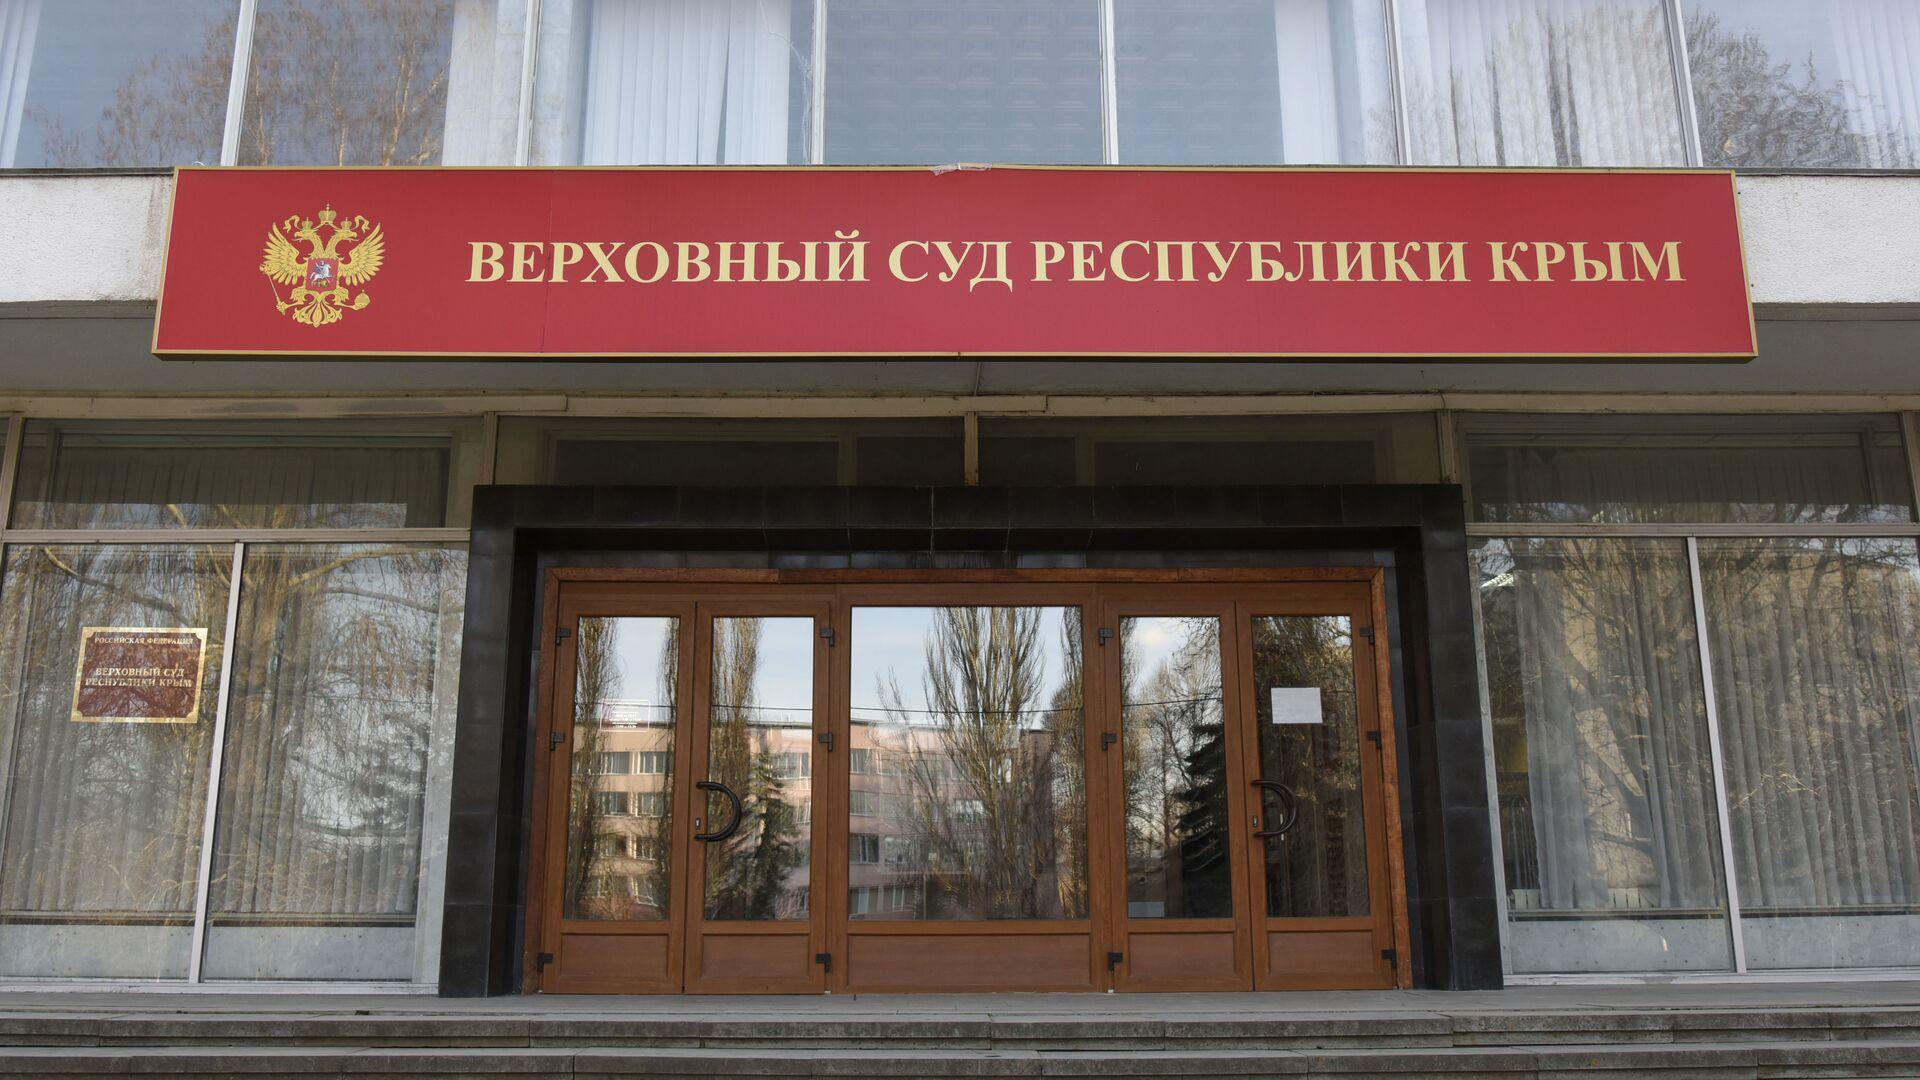 Верховный суд Республики Крым - РИА Новости, 1920, 01.10.2021